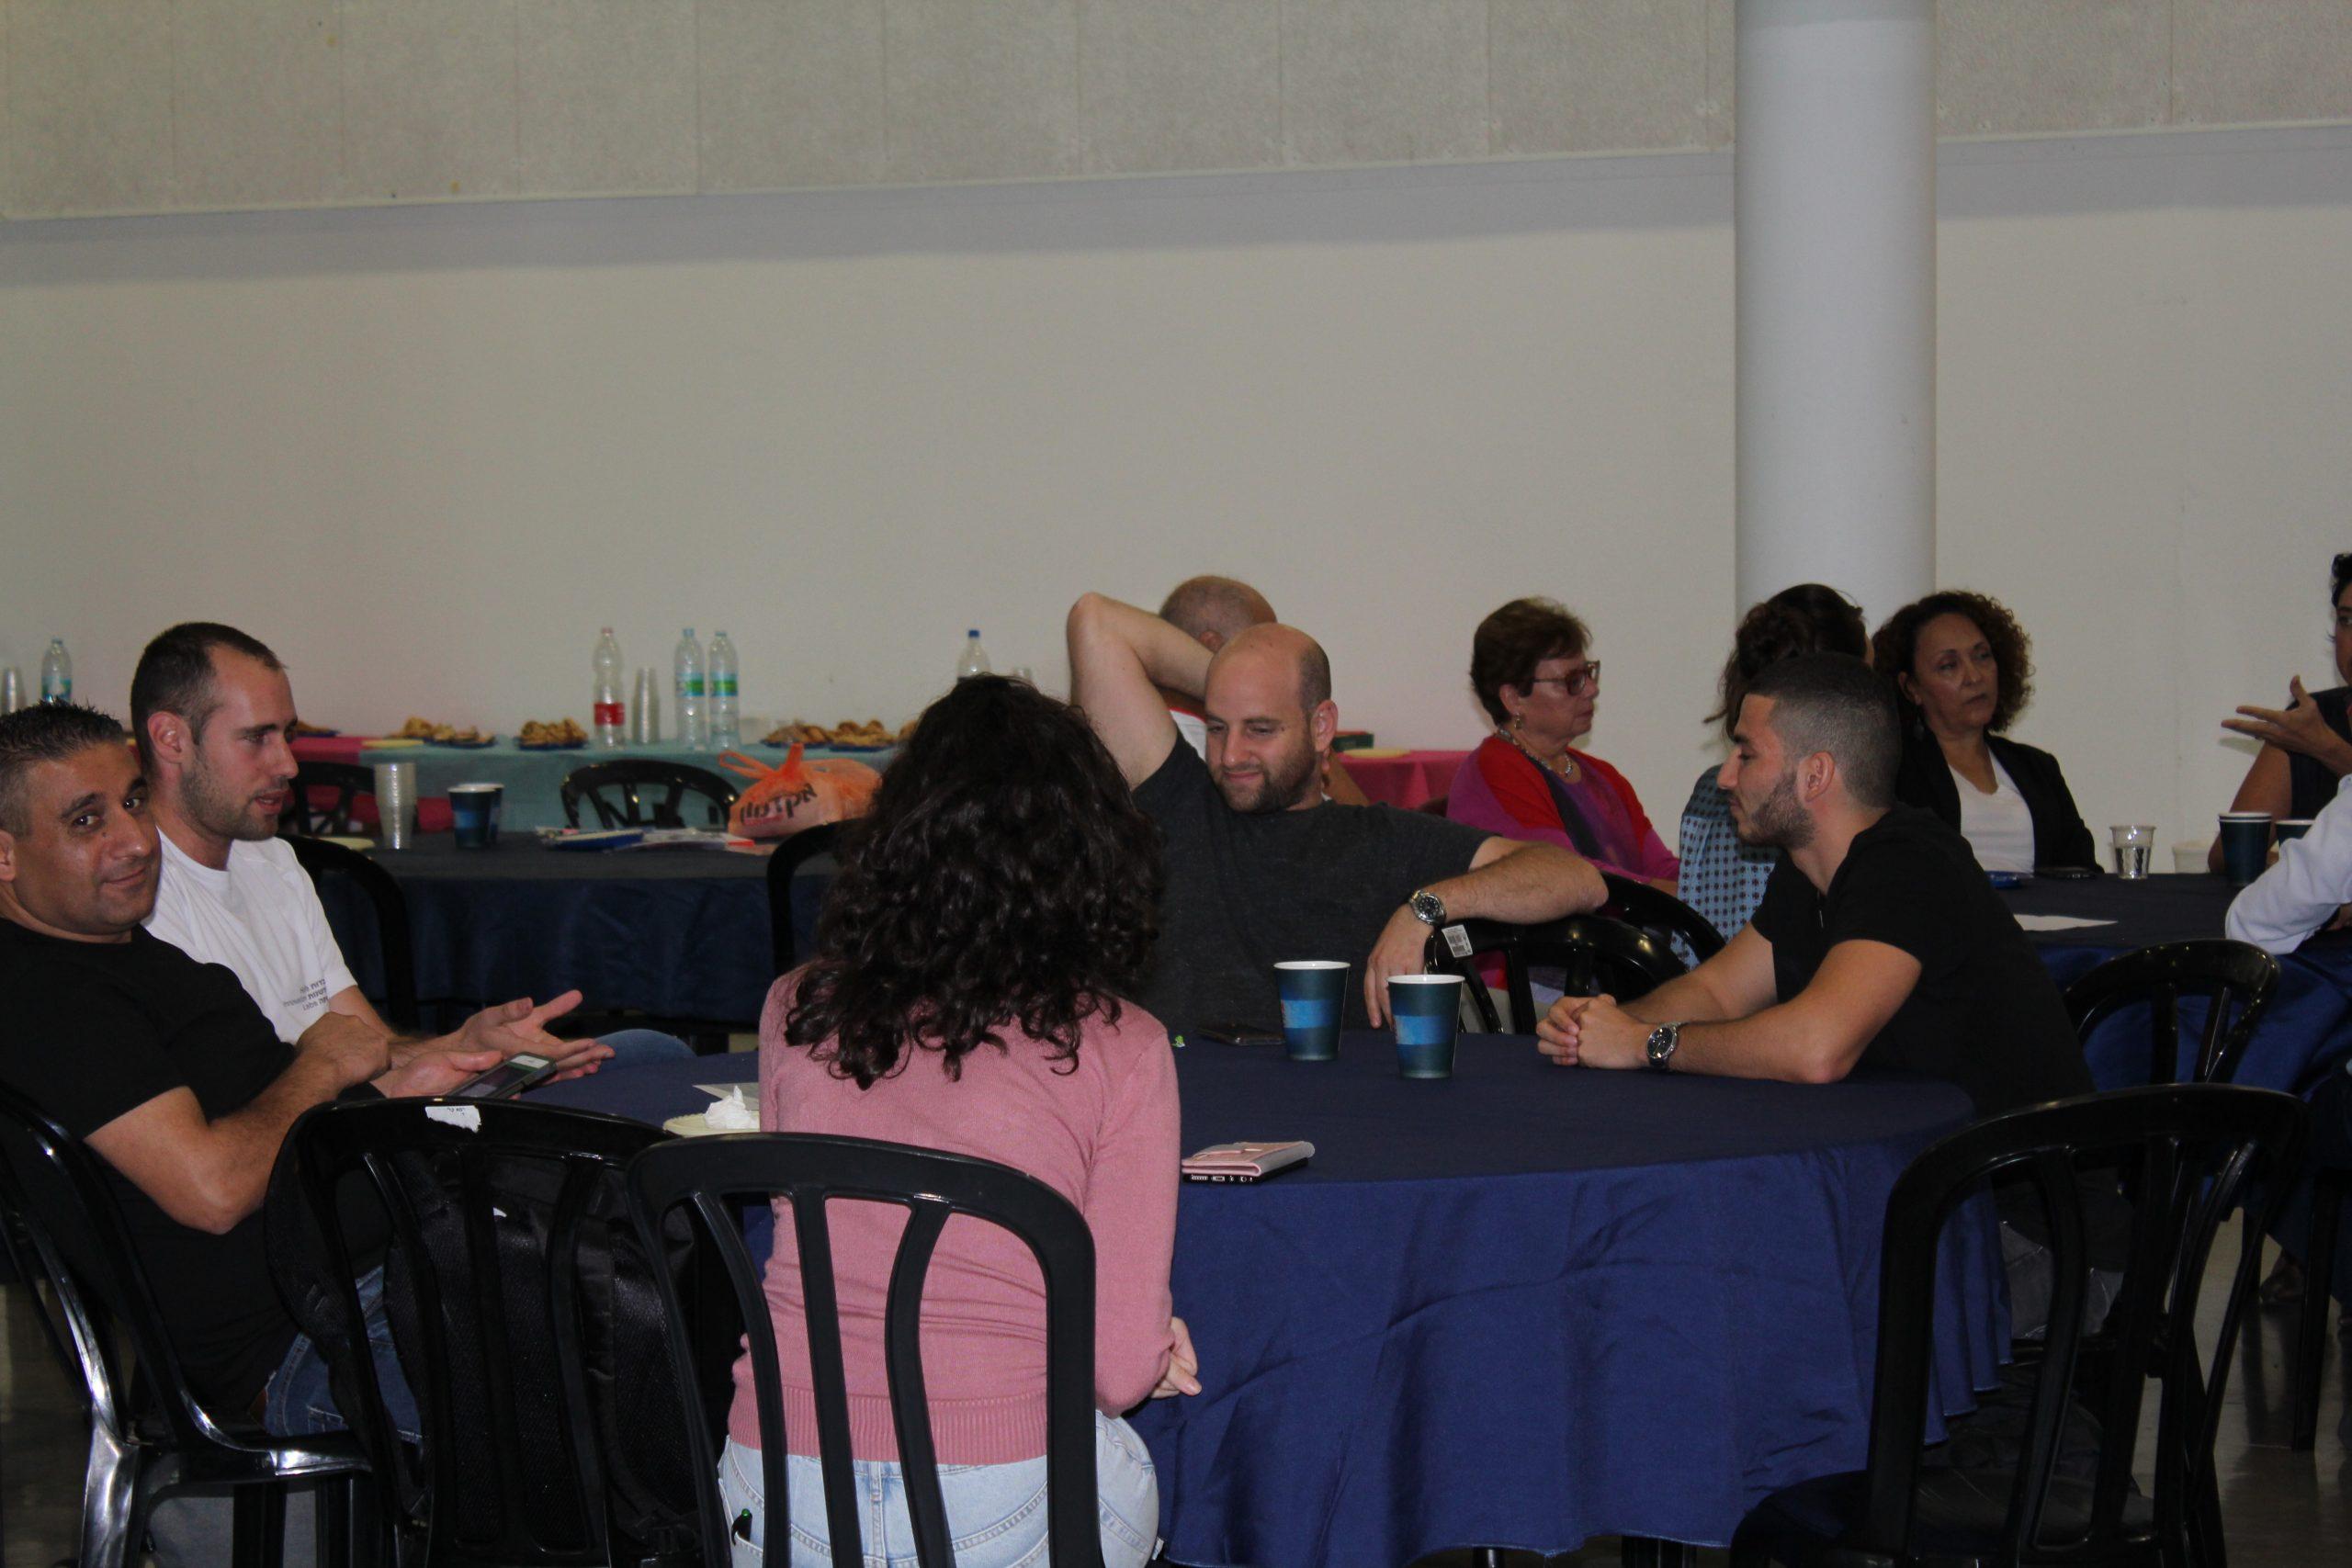 אירוע פתיחה עבודה בקבוצות על רקע כיבוד